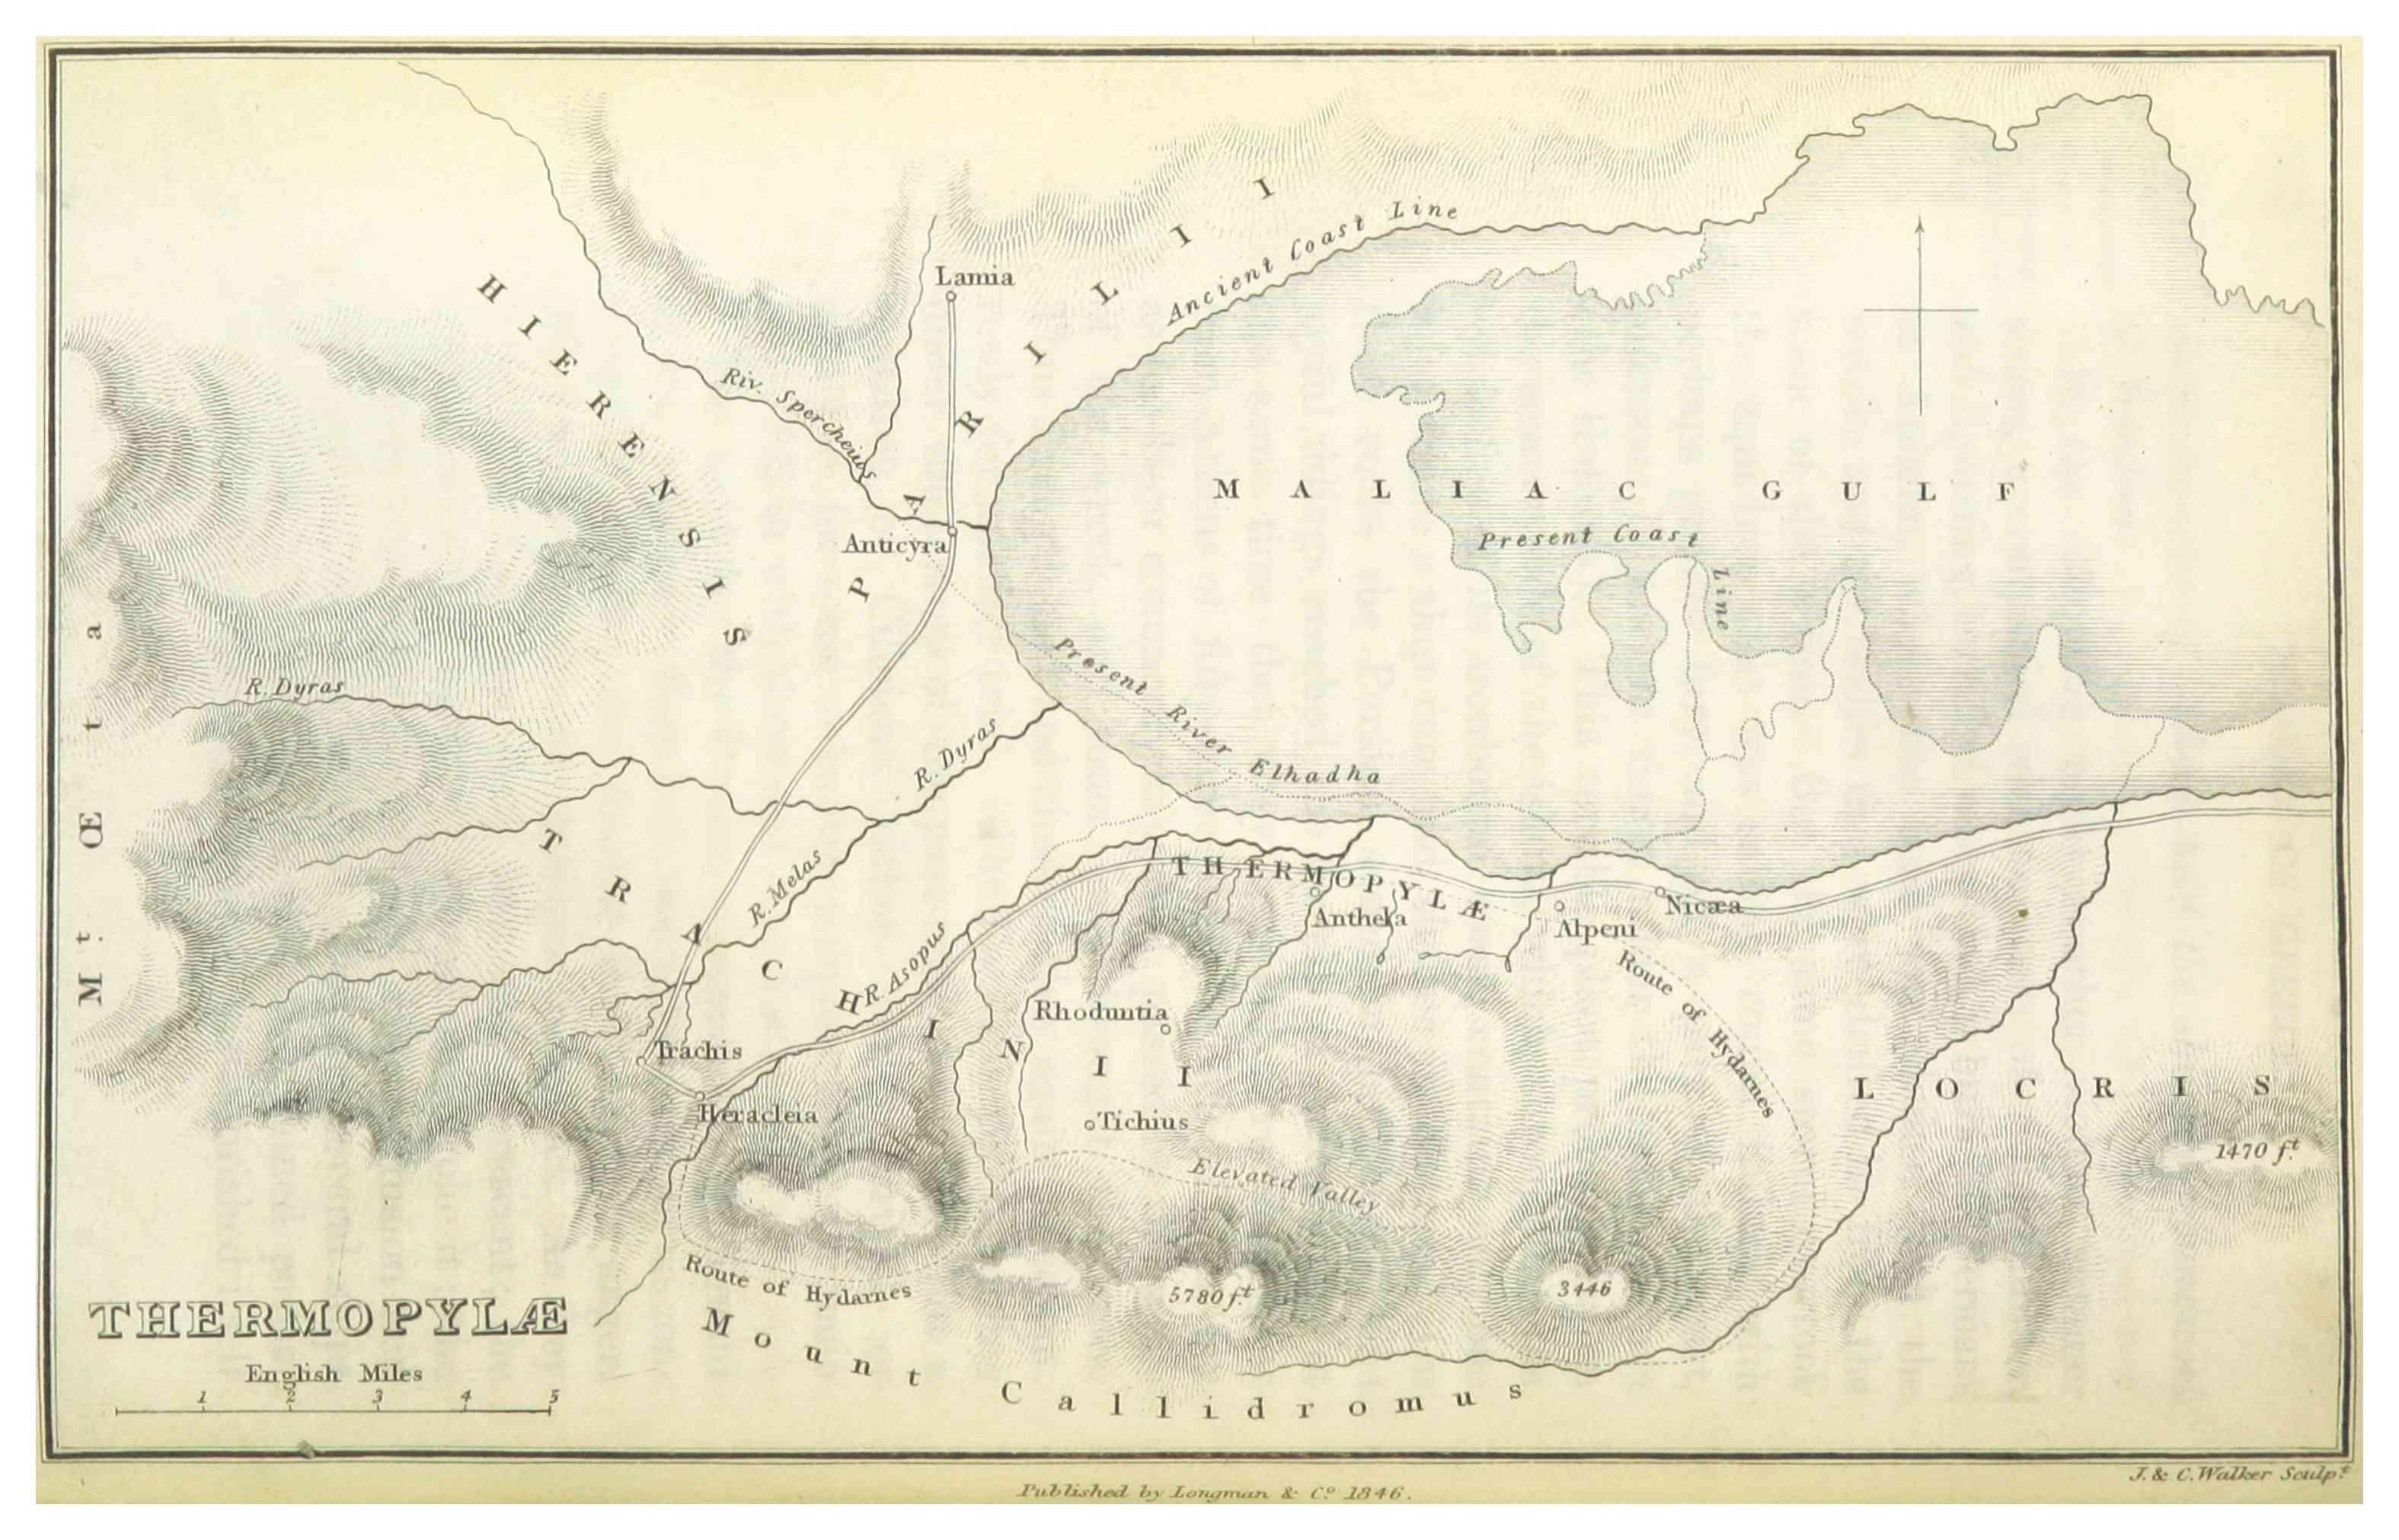 map of Thermopylae